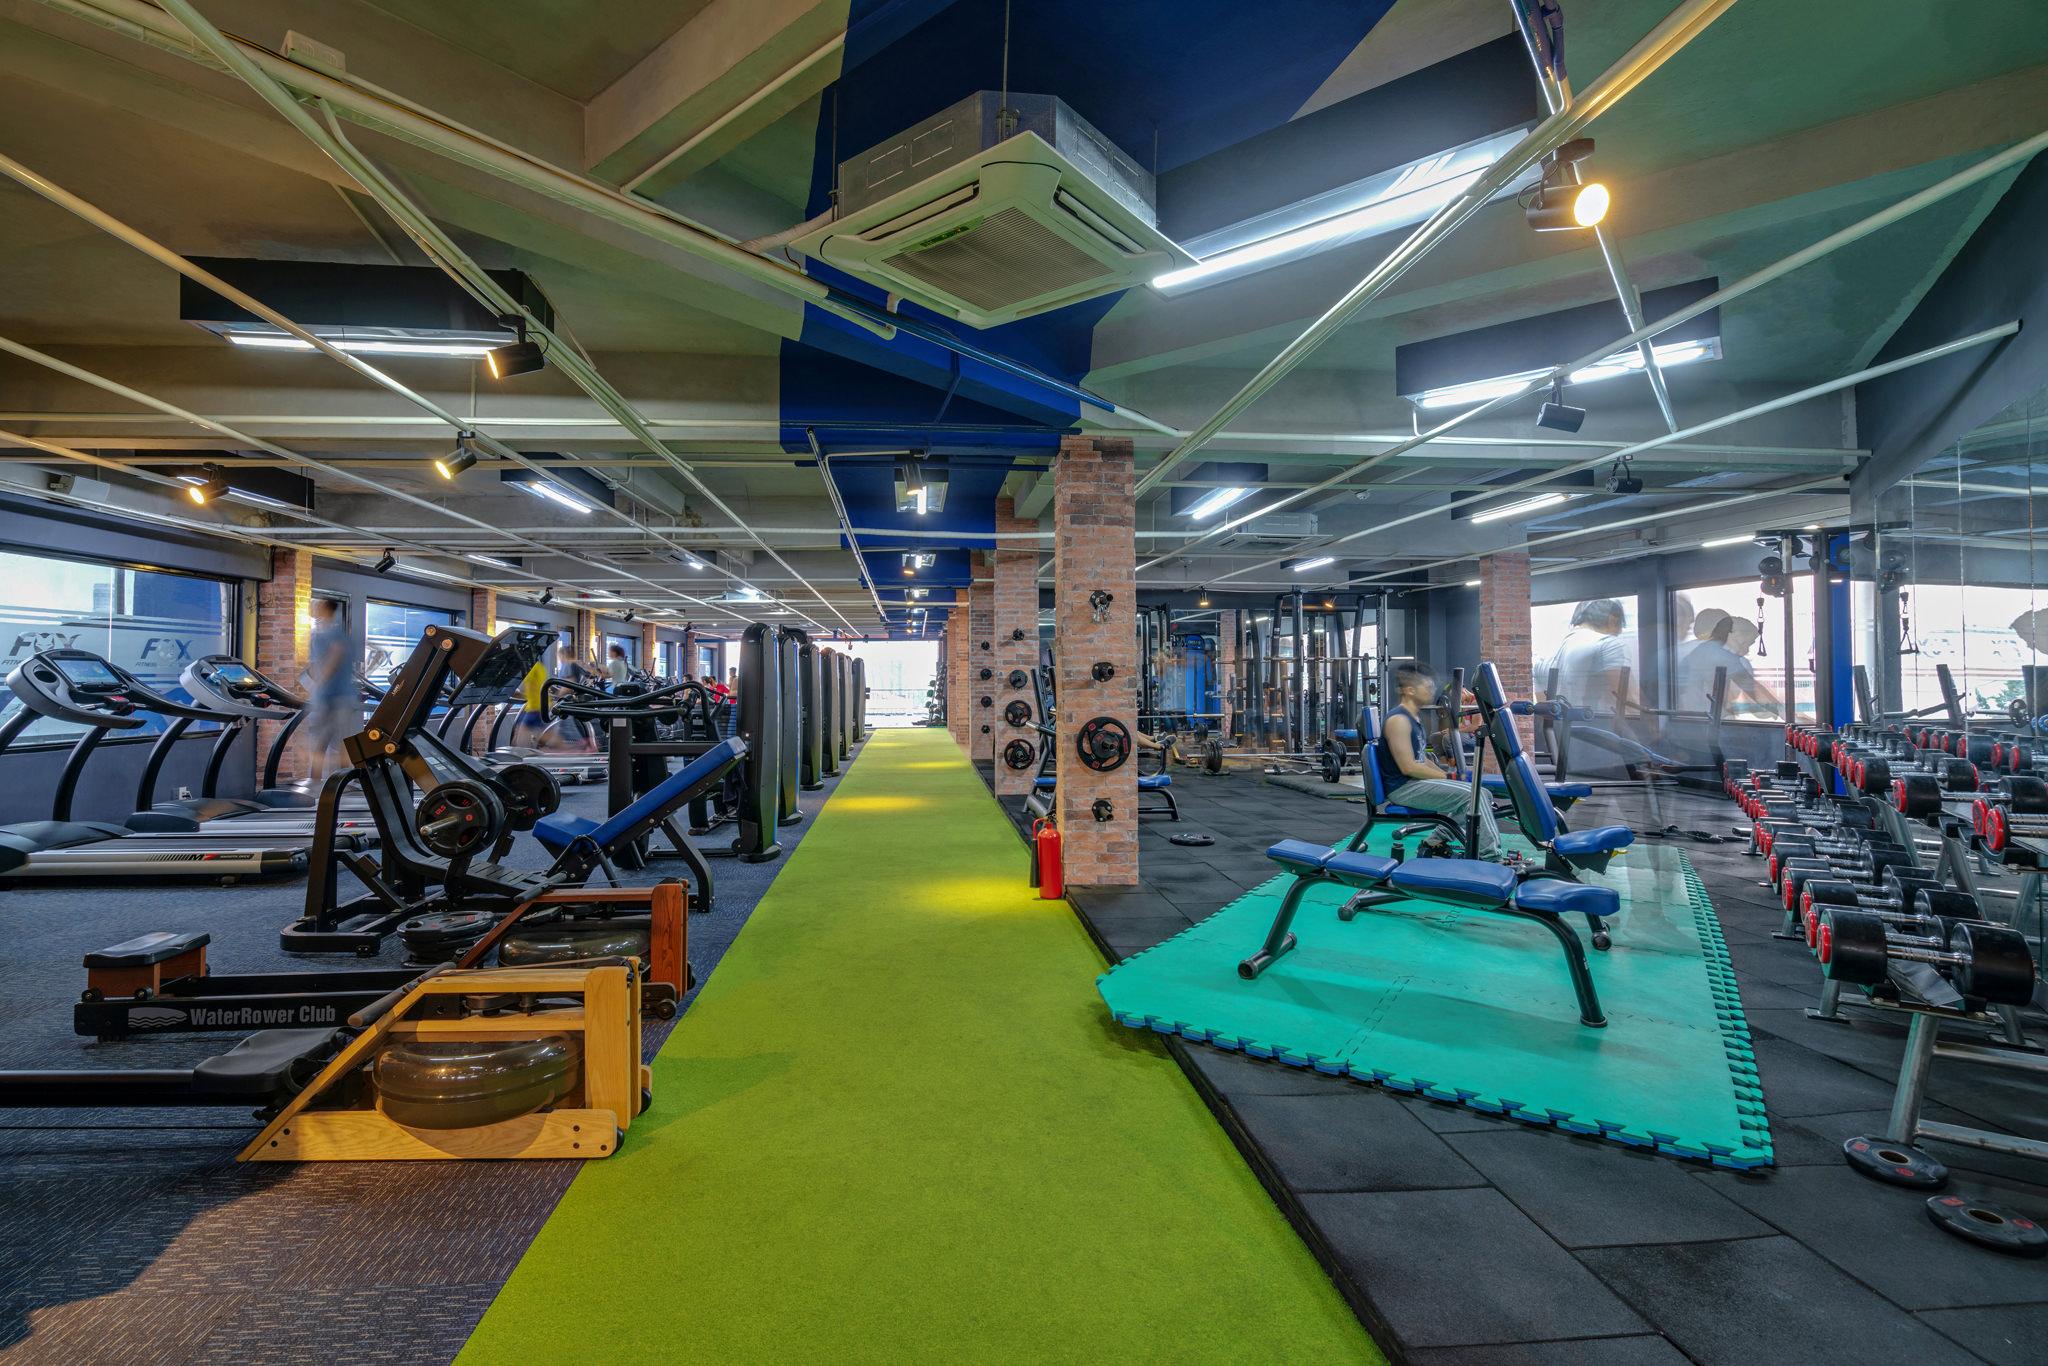 20180504 - Fox fitness - Interior - 25.jpg